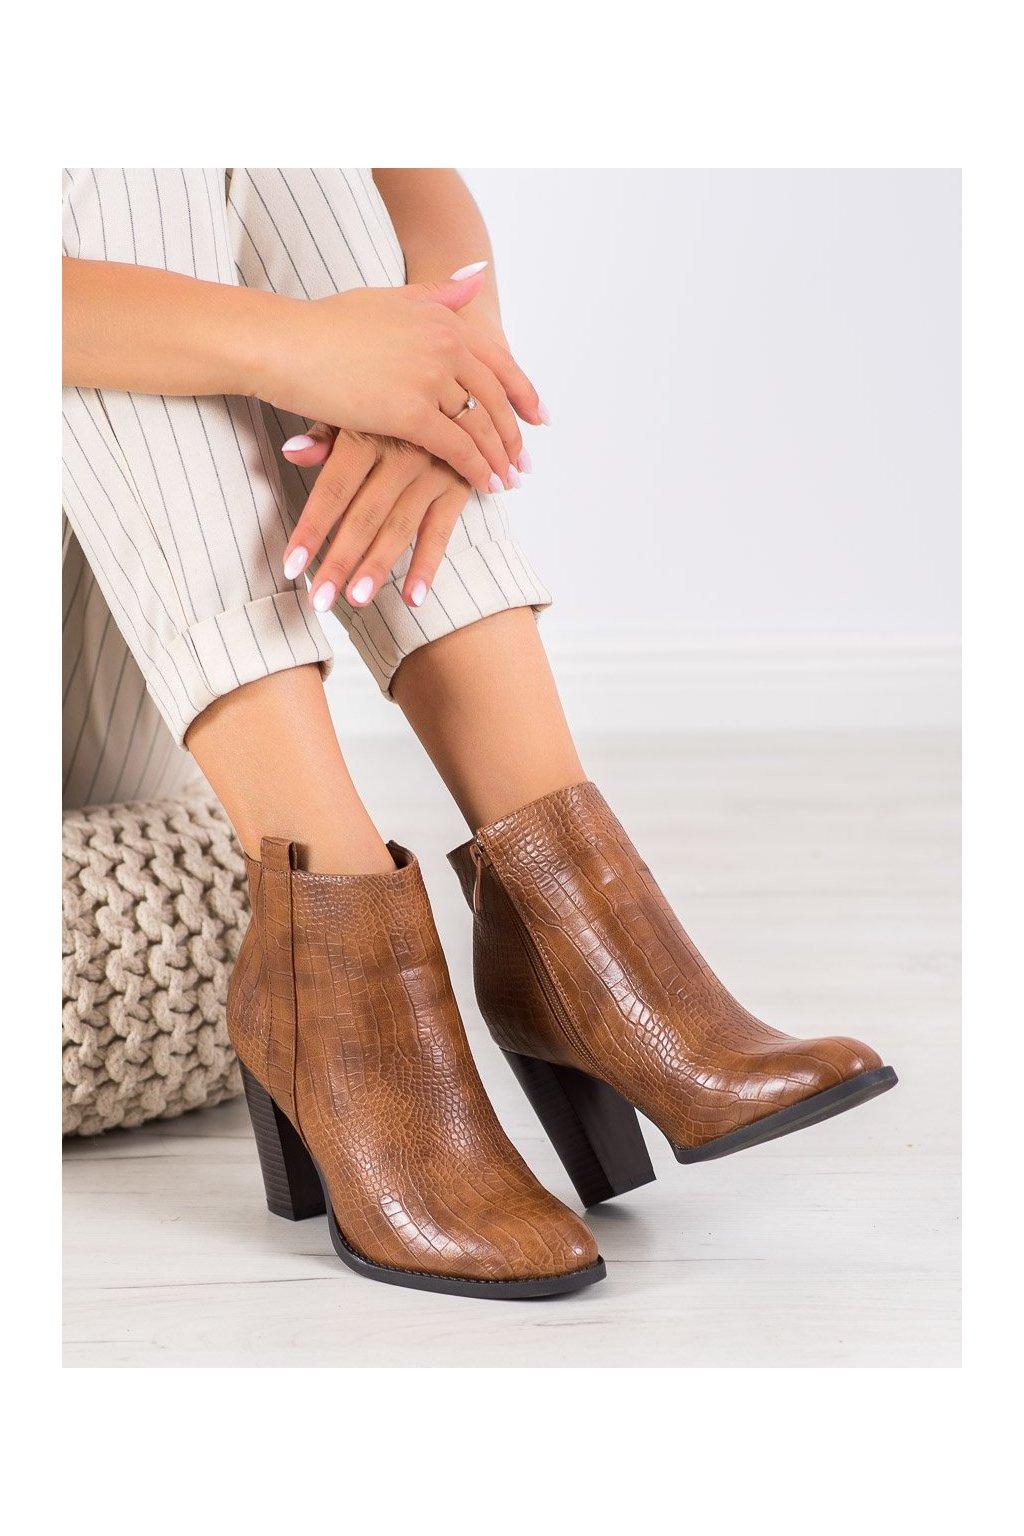 Hnedé dámske topánky Seastar kod UK10C